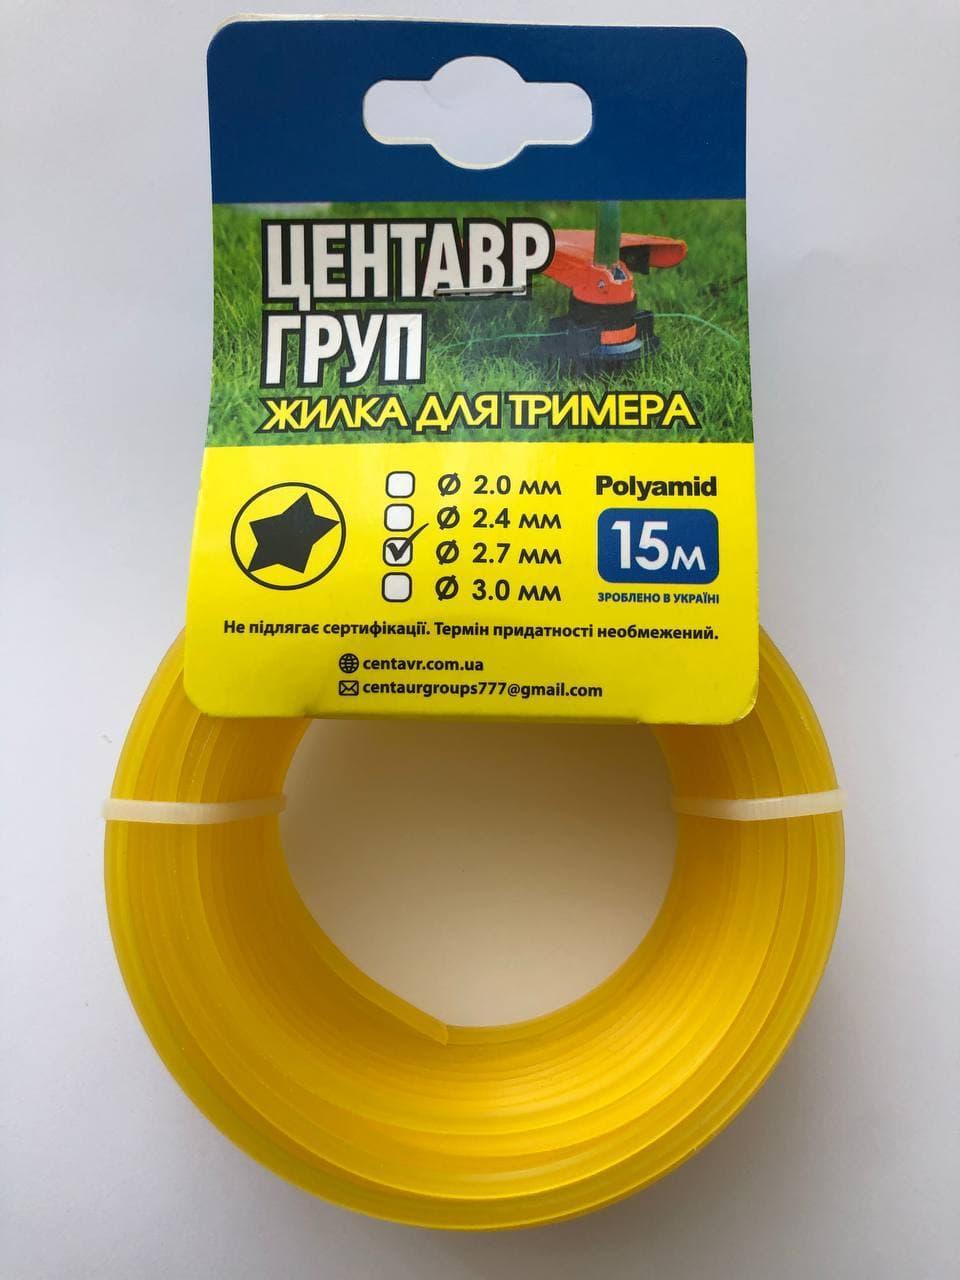 Леска для триммера круг из нейлона 2,4 мм 15 метров производство Украина